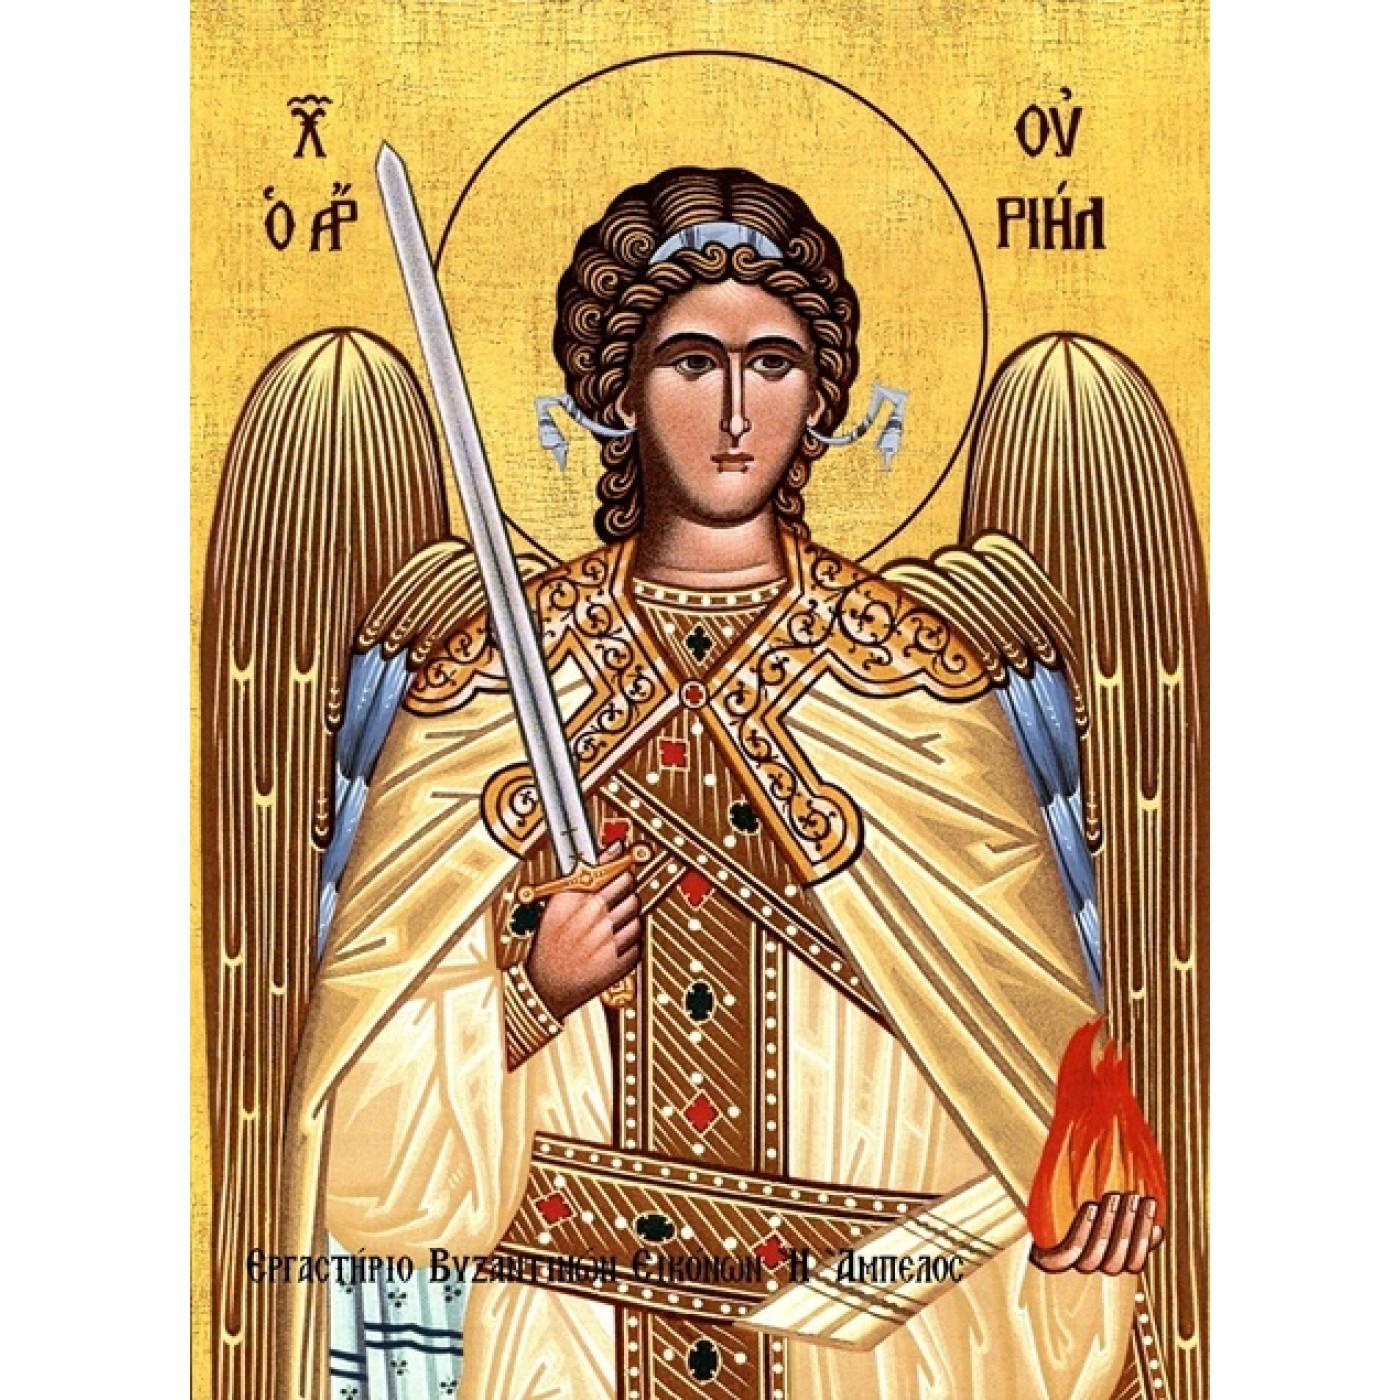 Αρχάγγελος Ουριήλ